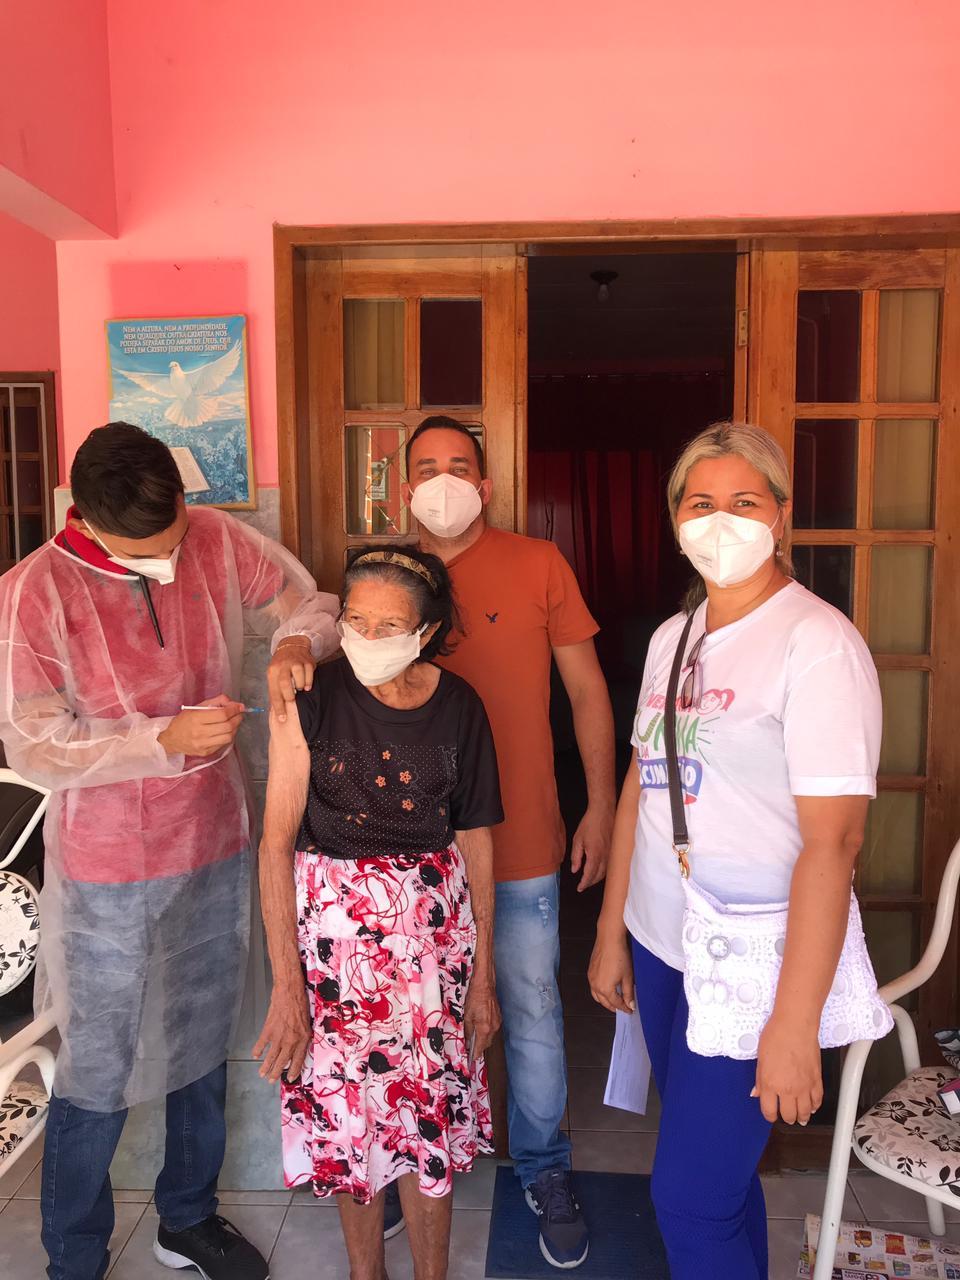 Imunizacao-idosos-acamados-Monteiro-PB-1 Secretaria de Saúde de Monteiro cumpre meta de vacinação contra covid-19 para idosos acamados acima de 80 anos